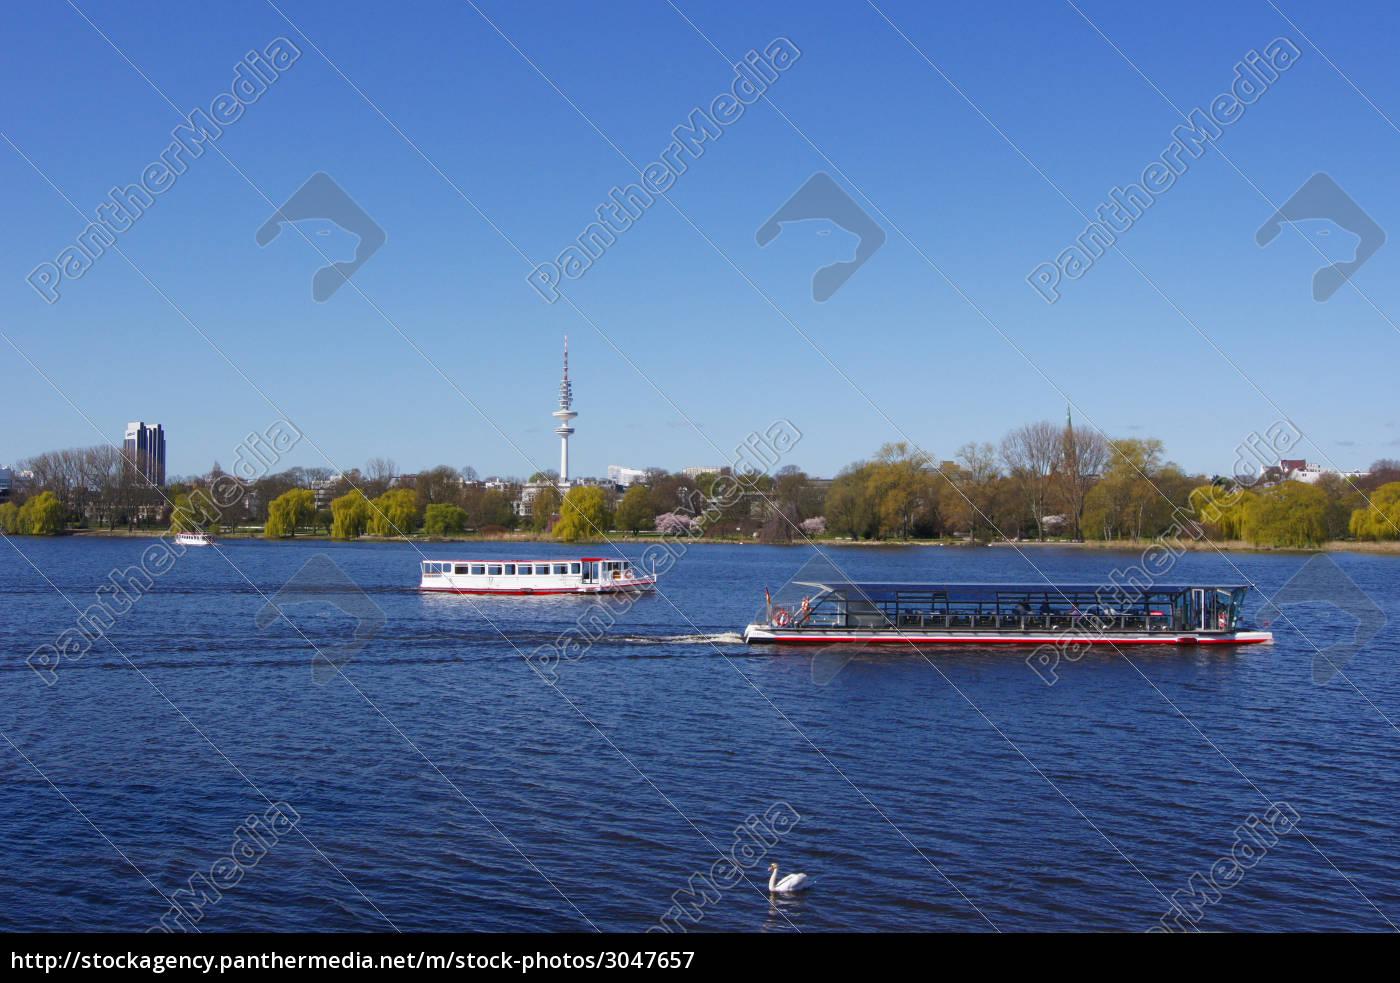 alsterschiffahrt, mit, schwan - 3047657